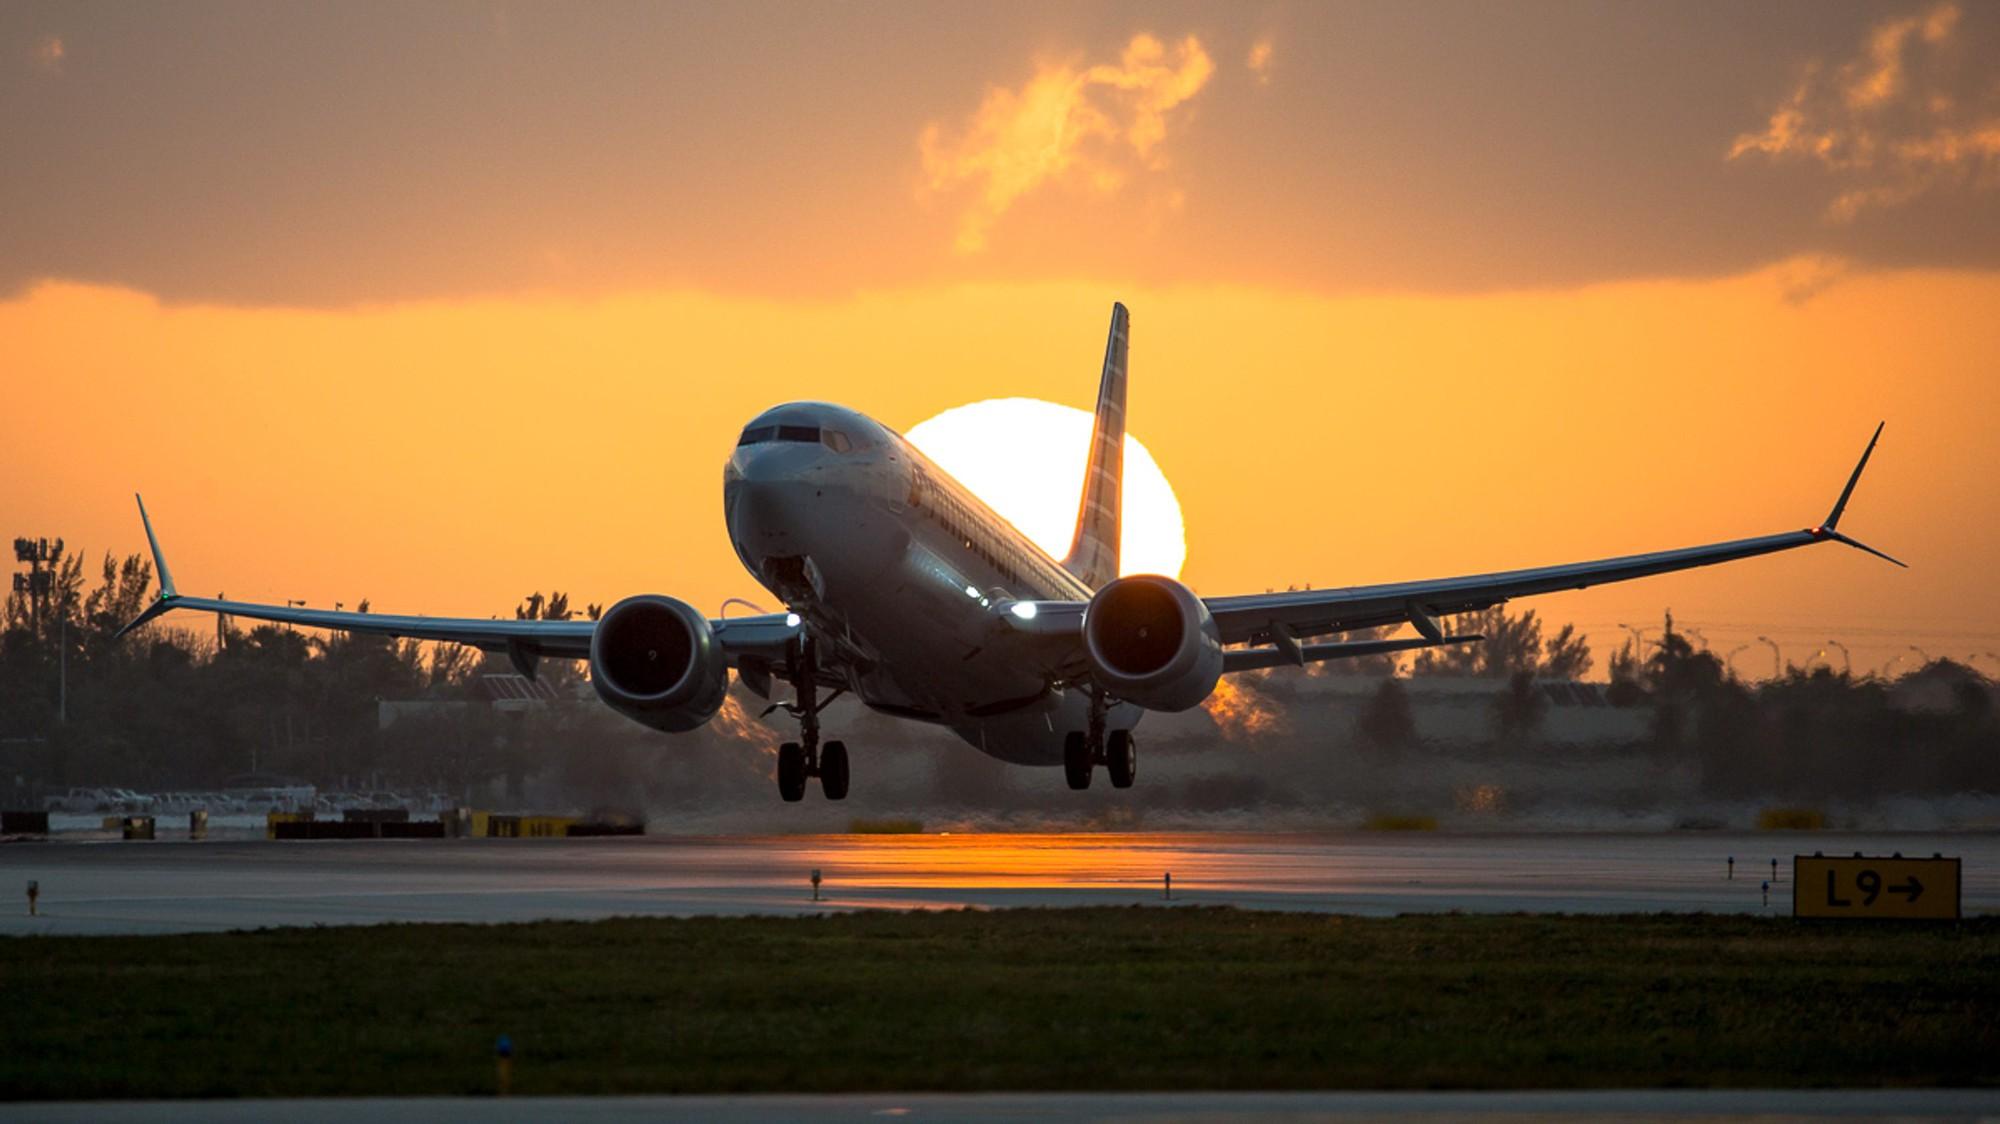 Những phát hiện sốc của dòng máy bay 737 MAX dần được tiết lộ - Ảnh 3.